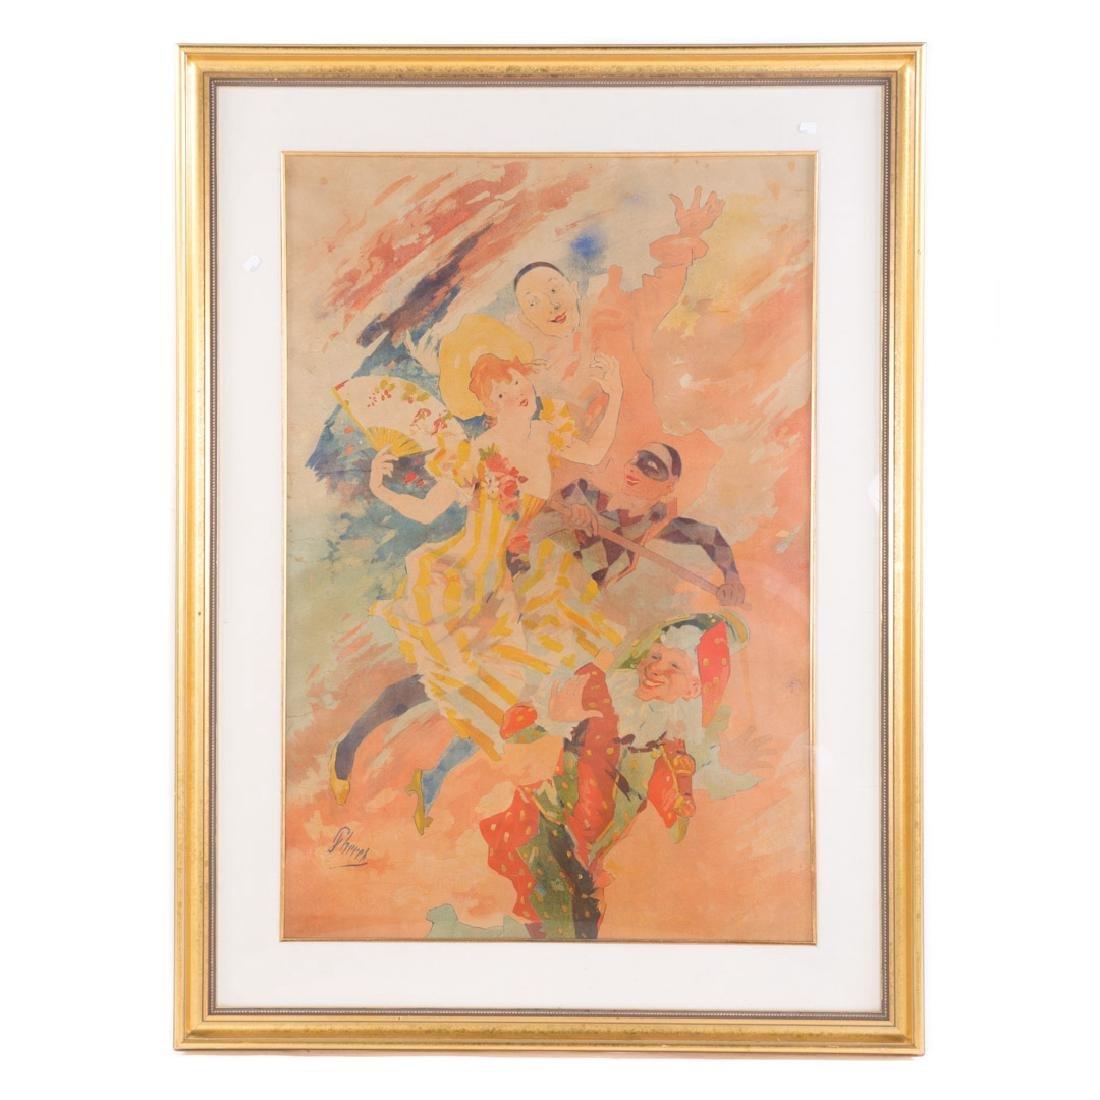 """Jules Cheret. """"Le Comedie,"""" color lithograph"""